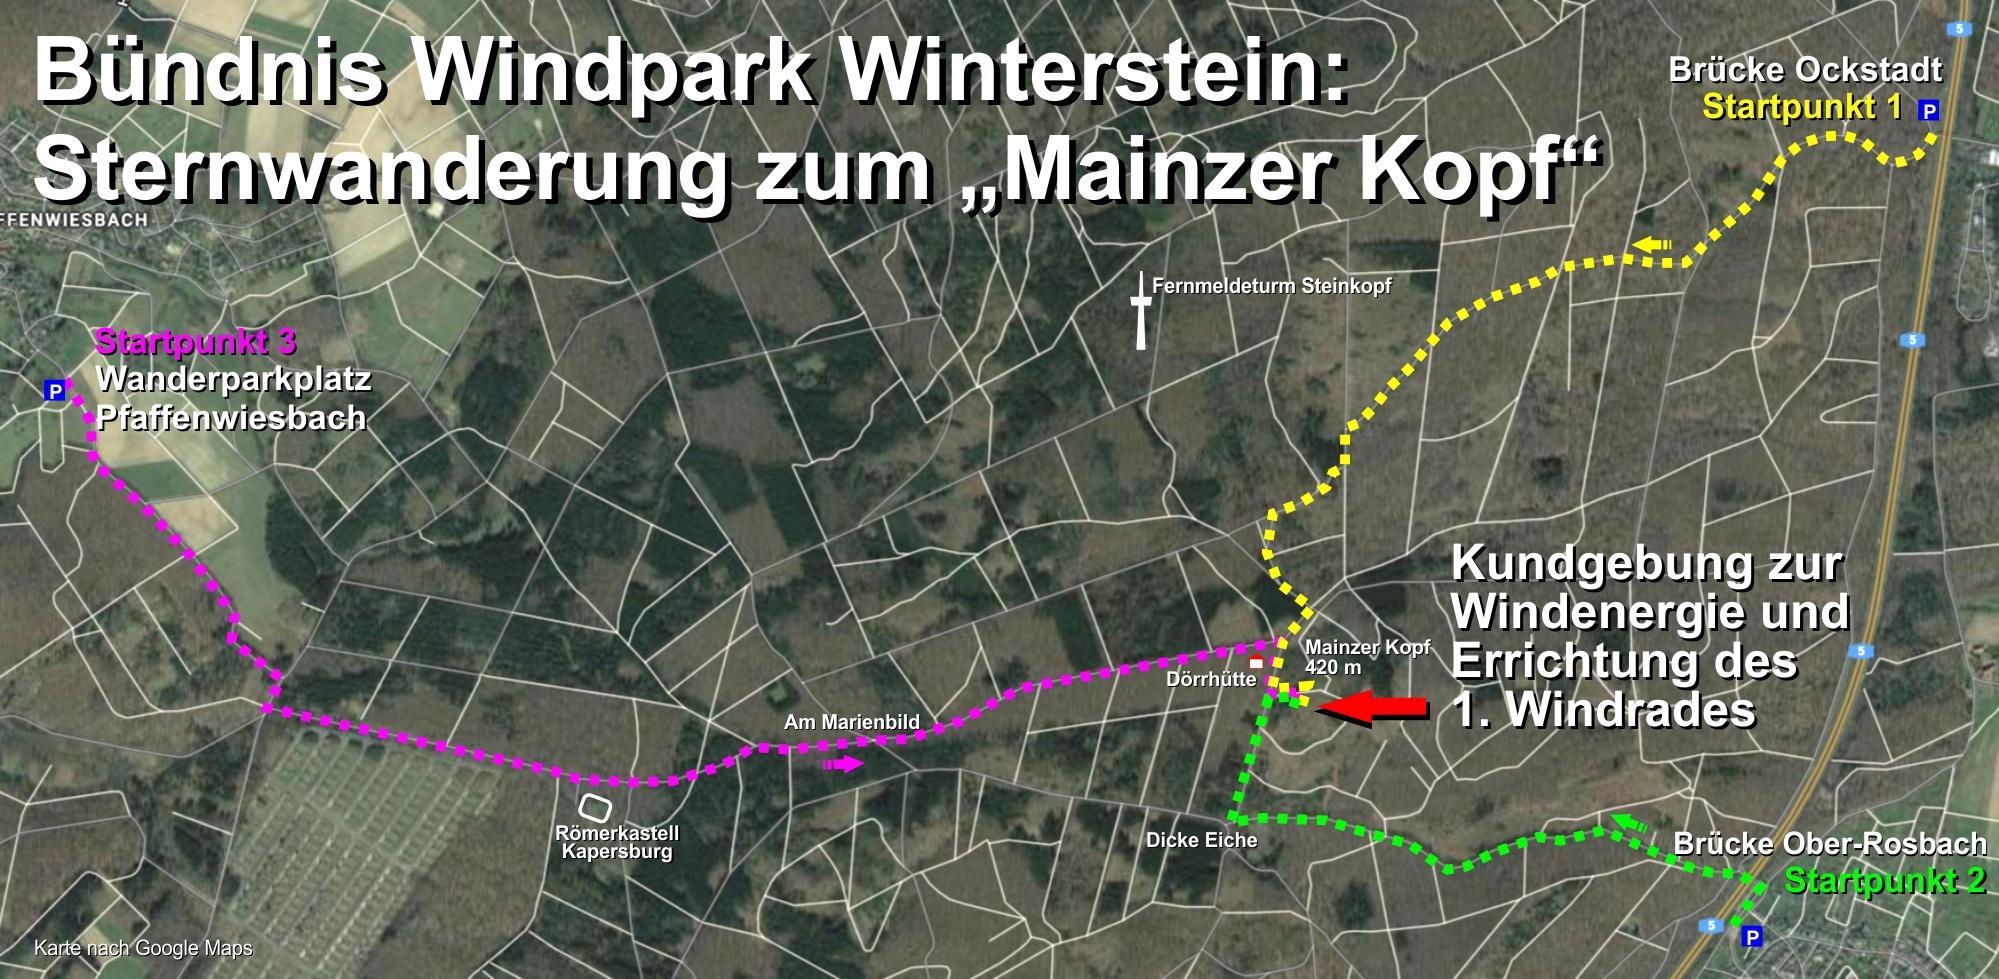 Karte der Sternwanderung zum Mainzer Kopf